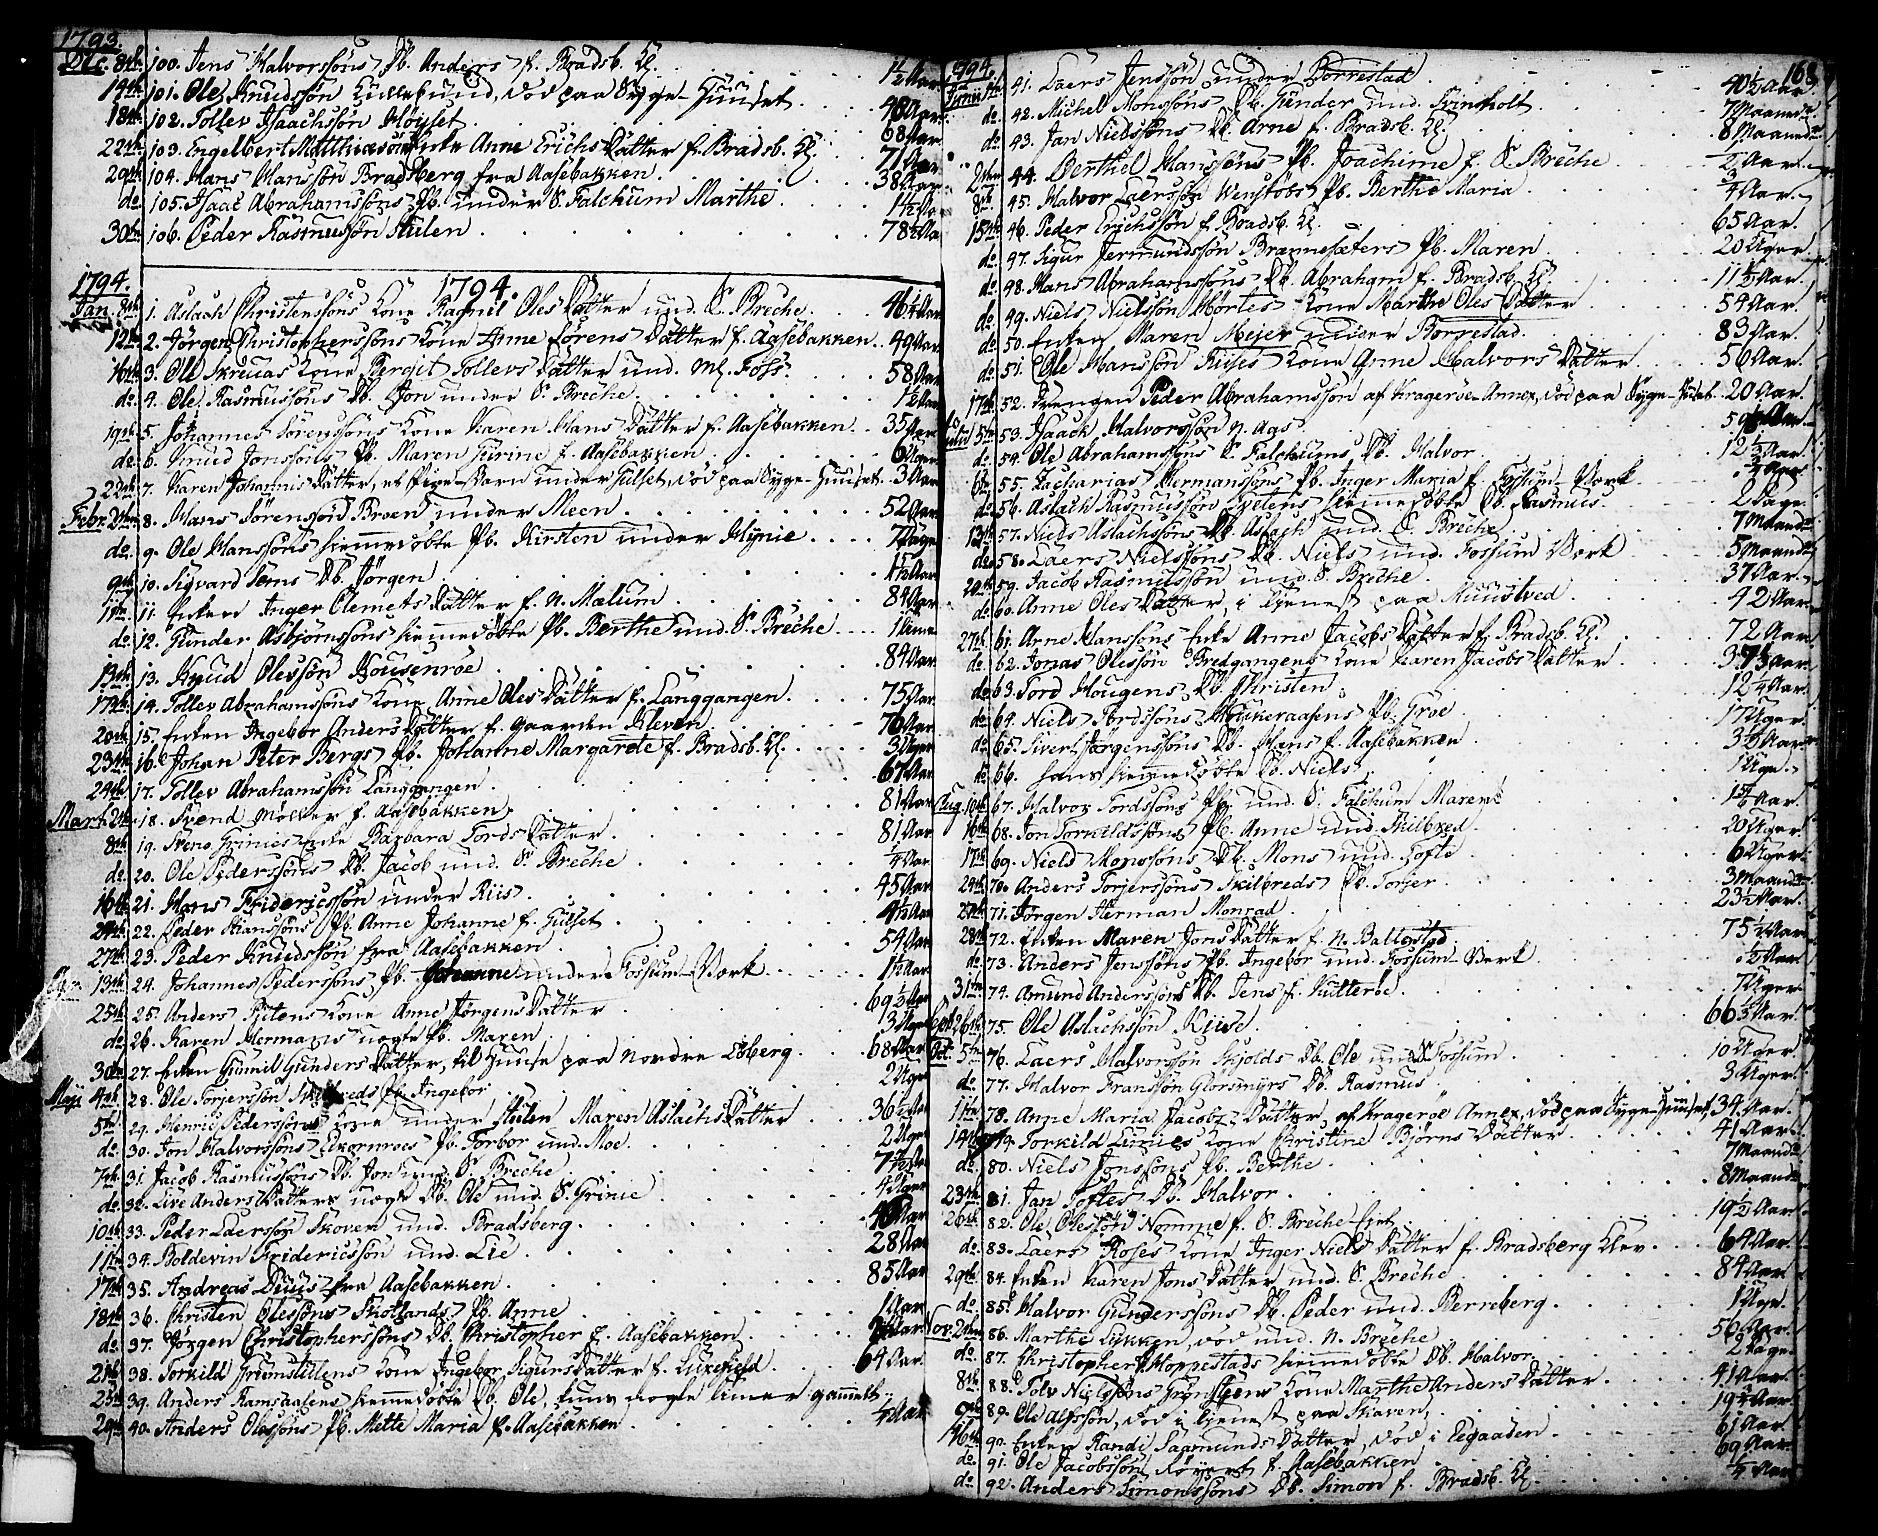 SAKO, Gjerpen kirkebøker, F/Fa/L0002: Ministerialbok nr. 2, 1747-1795, s. 168